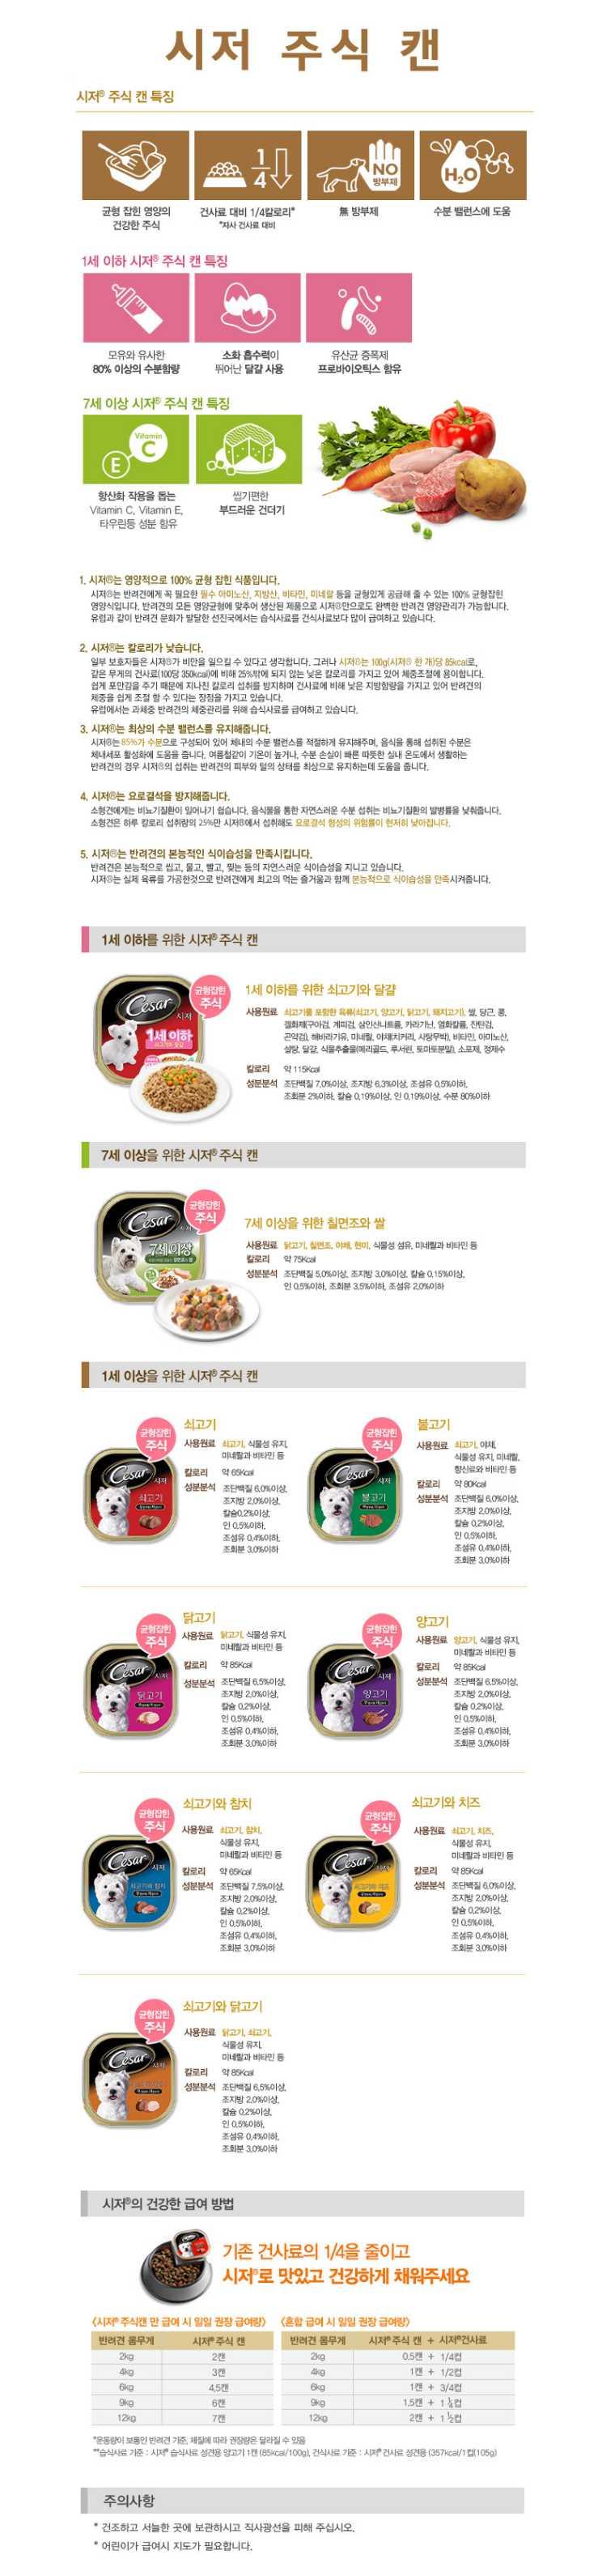 시저 캔 100g - 바니펫, 1,700원, 간식/영양제, 캔